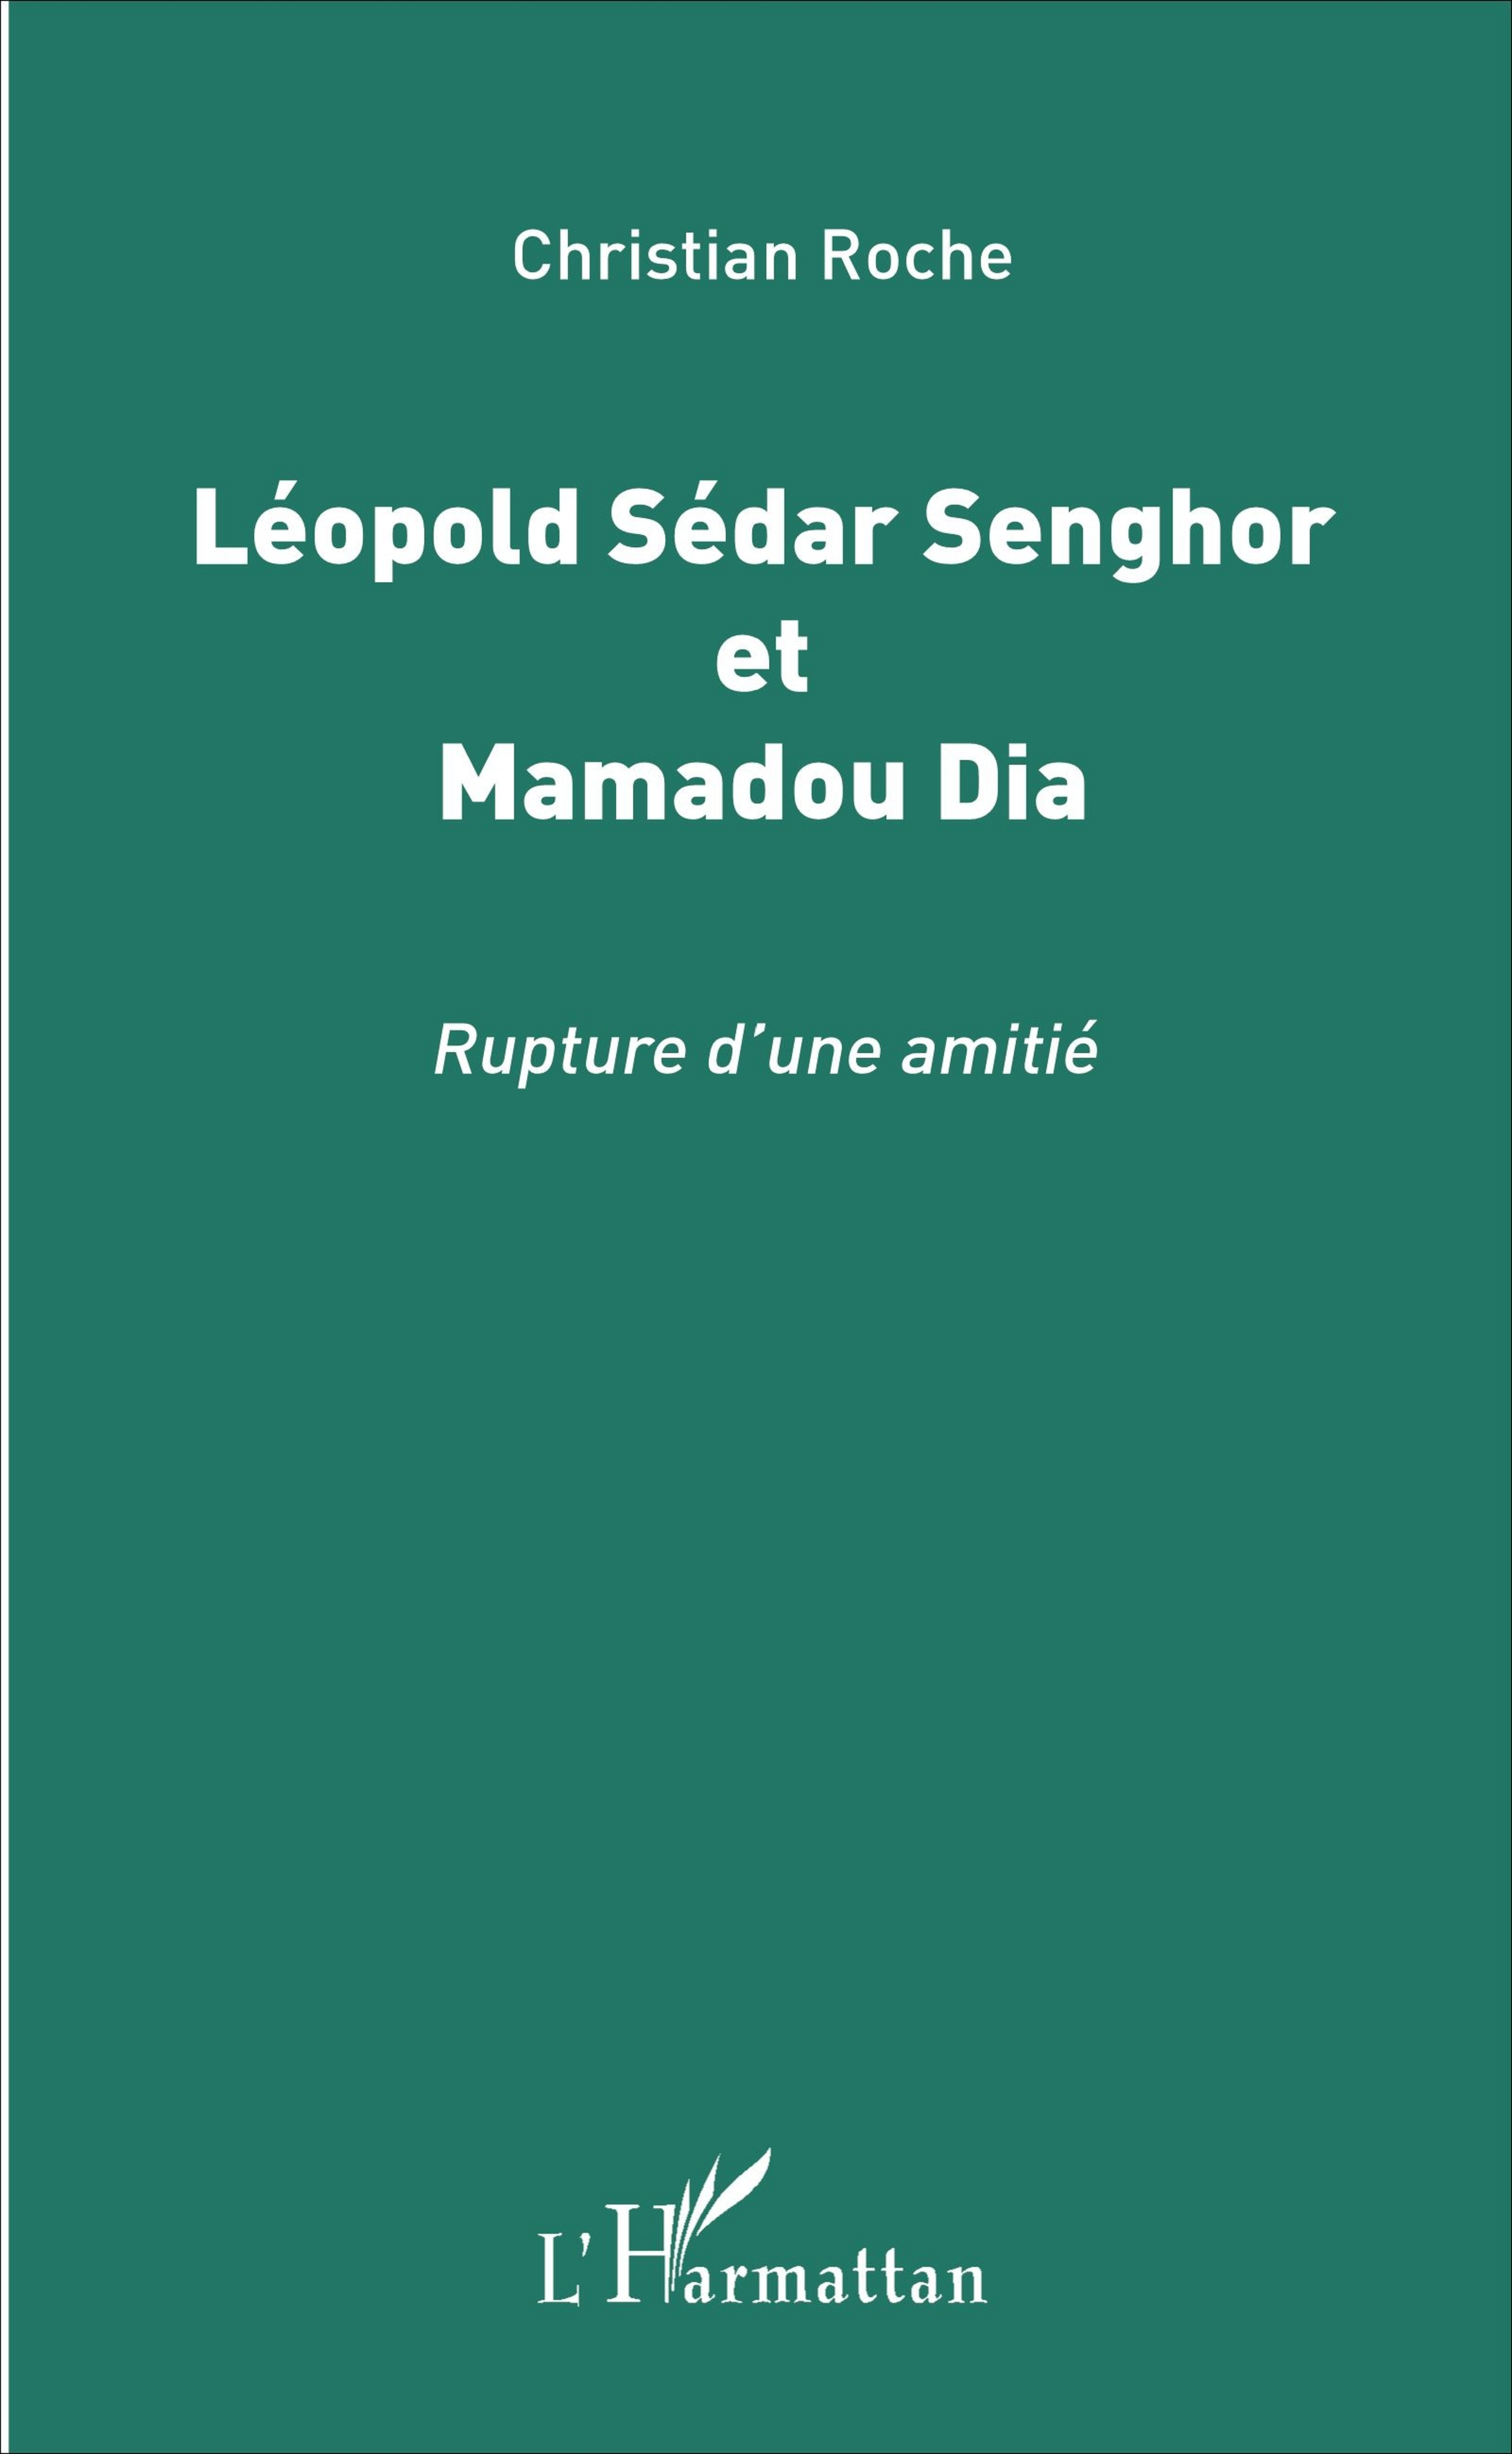 LÉOPOLD SÉDAR SENGHOR ET MAMADOU DIA- Rupture d'une amitié